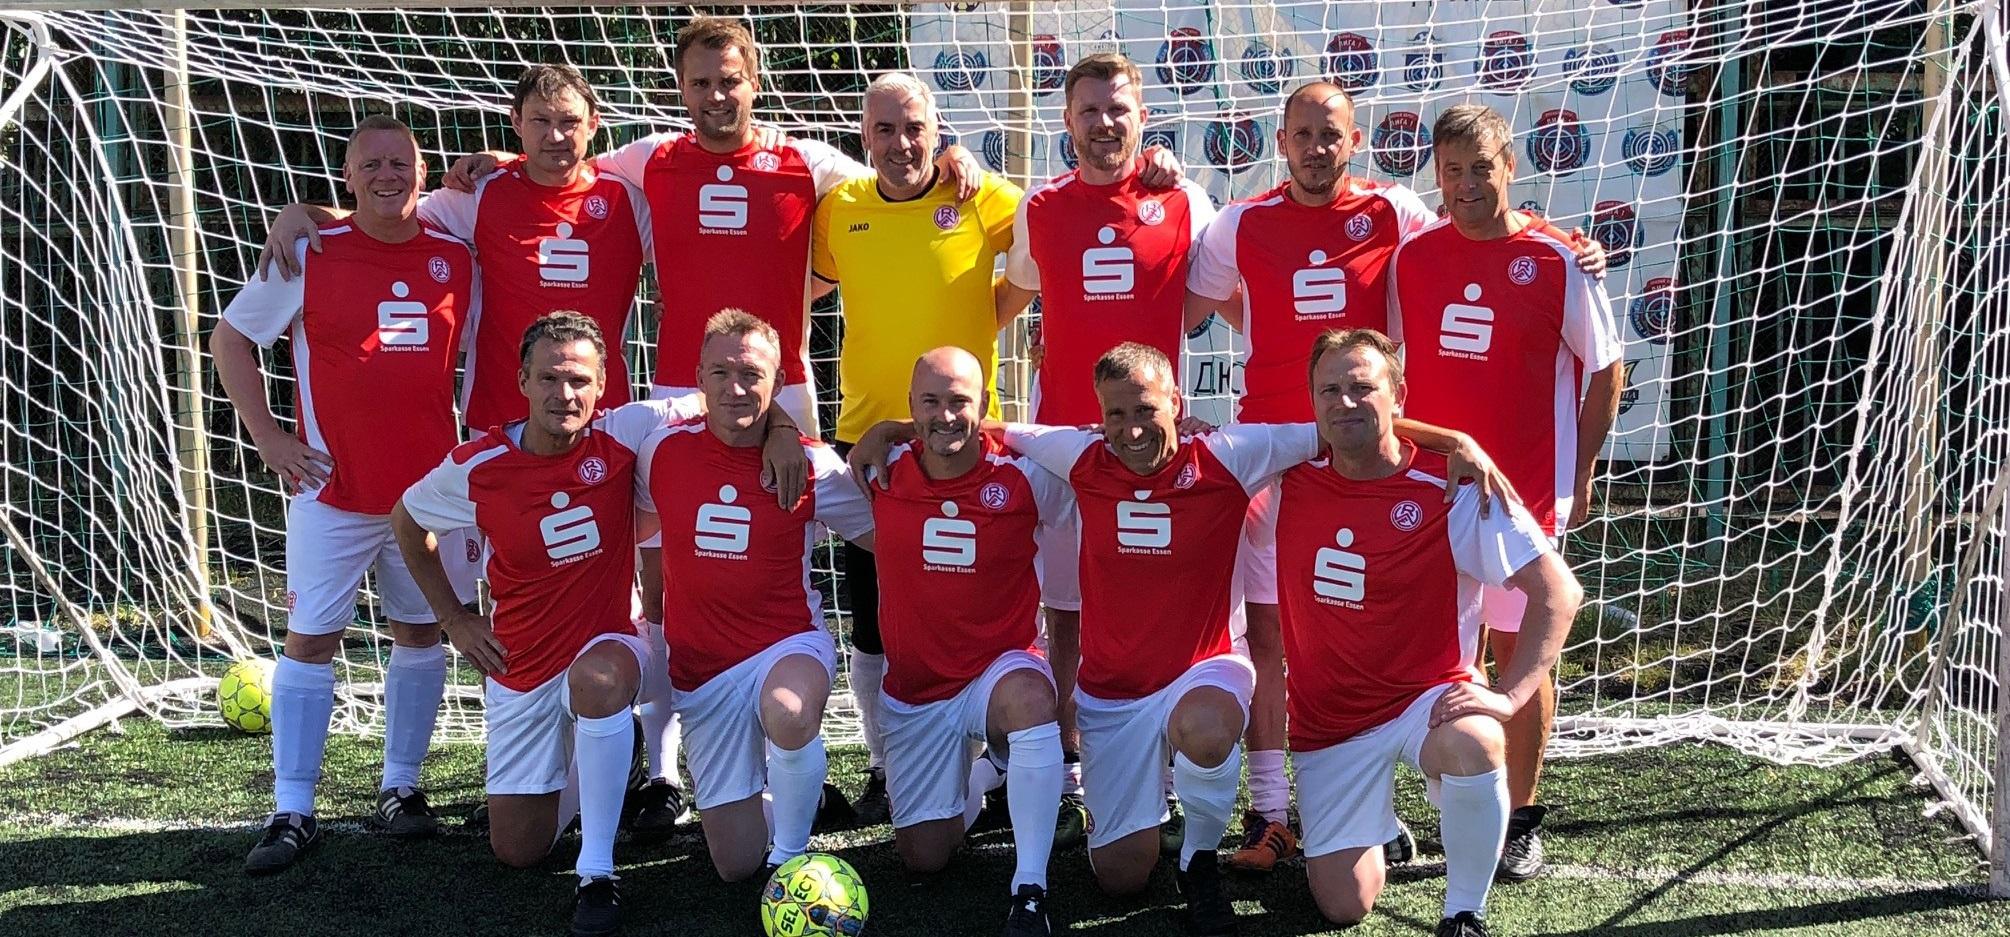 Die rot-weisse Traditionsmannschaft spielt aktuell ein Turnier in Kiew.